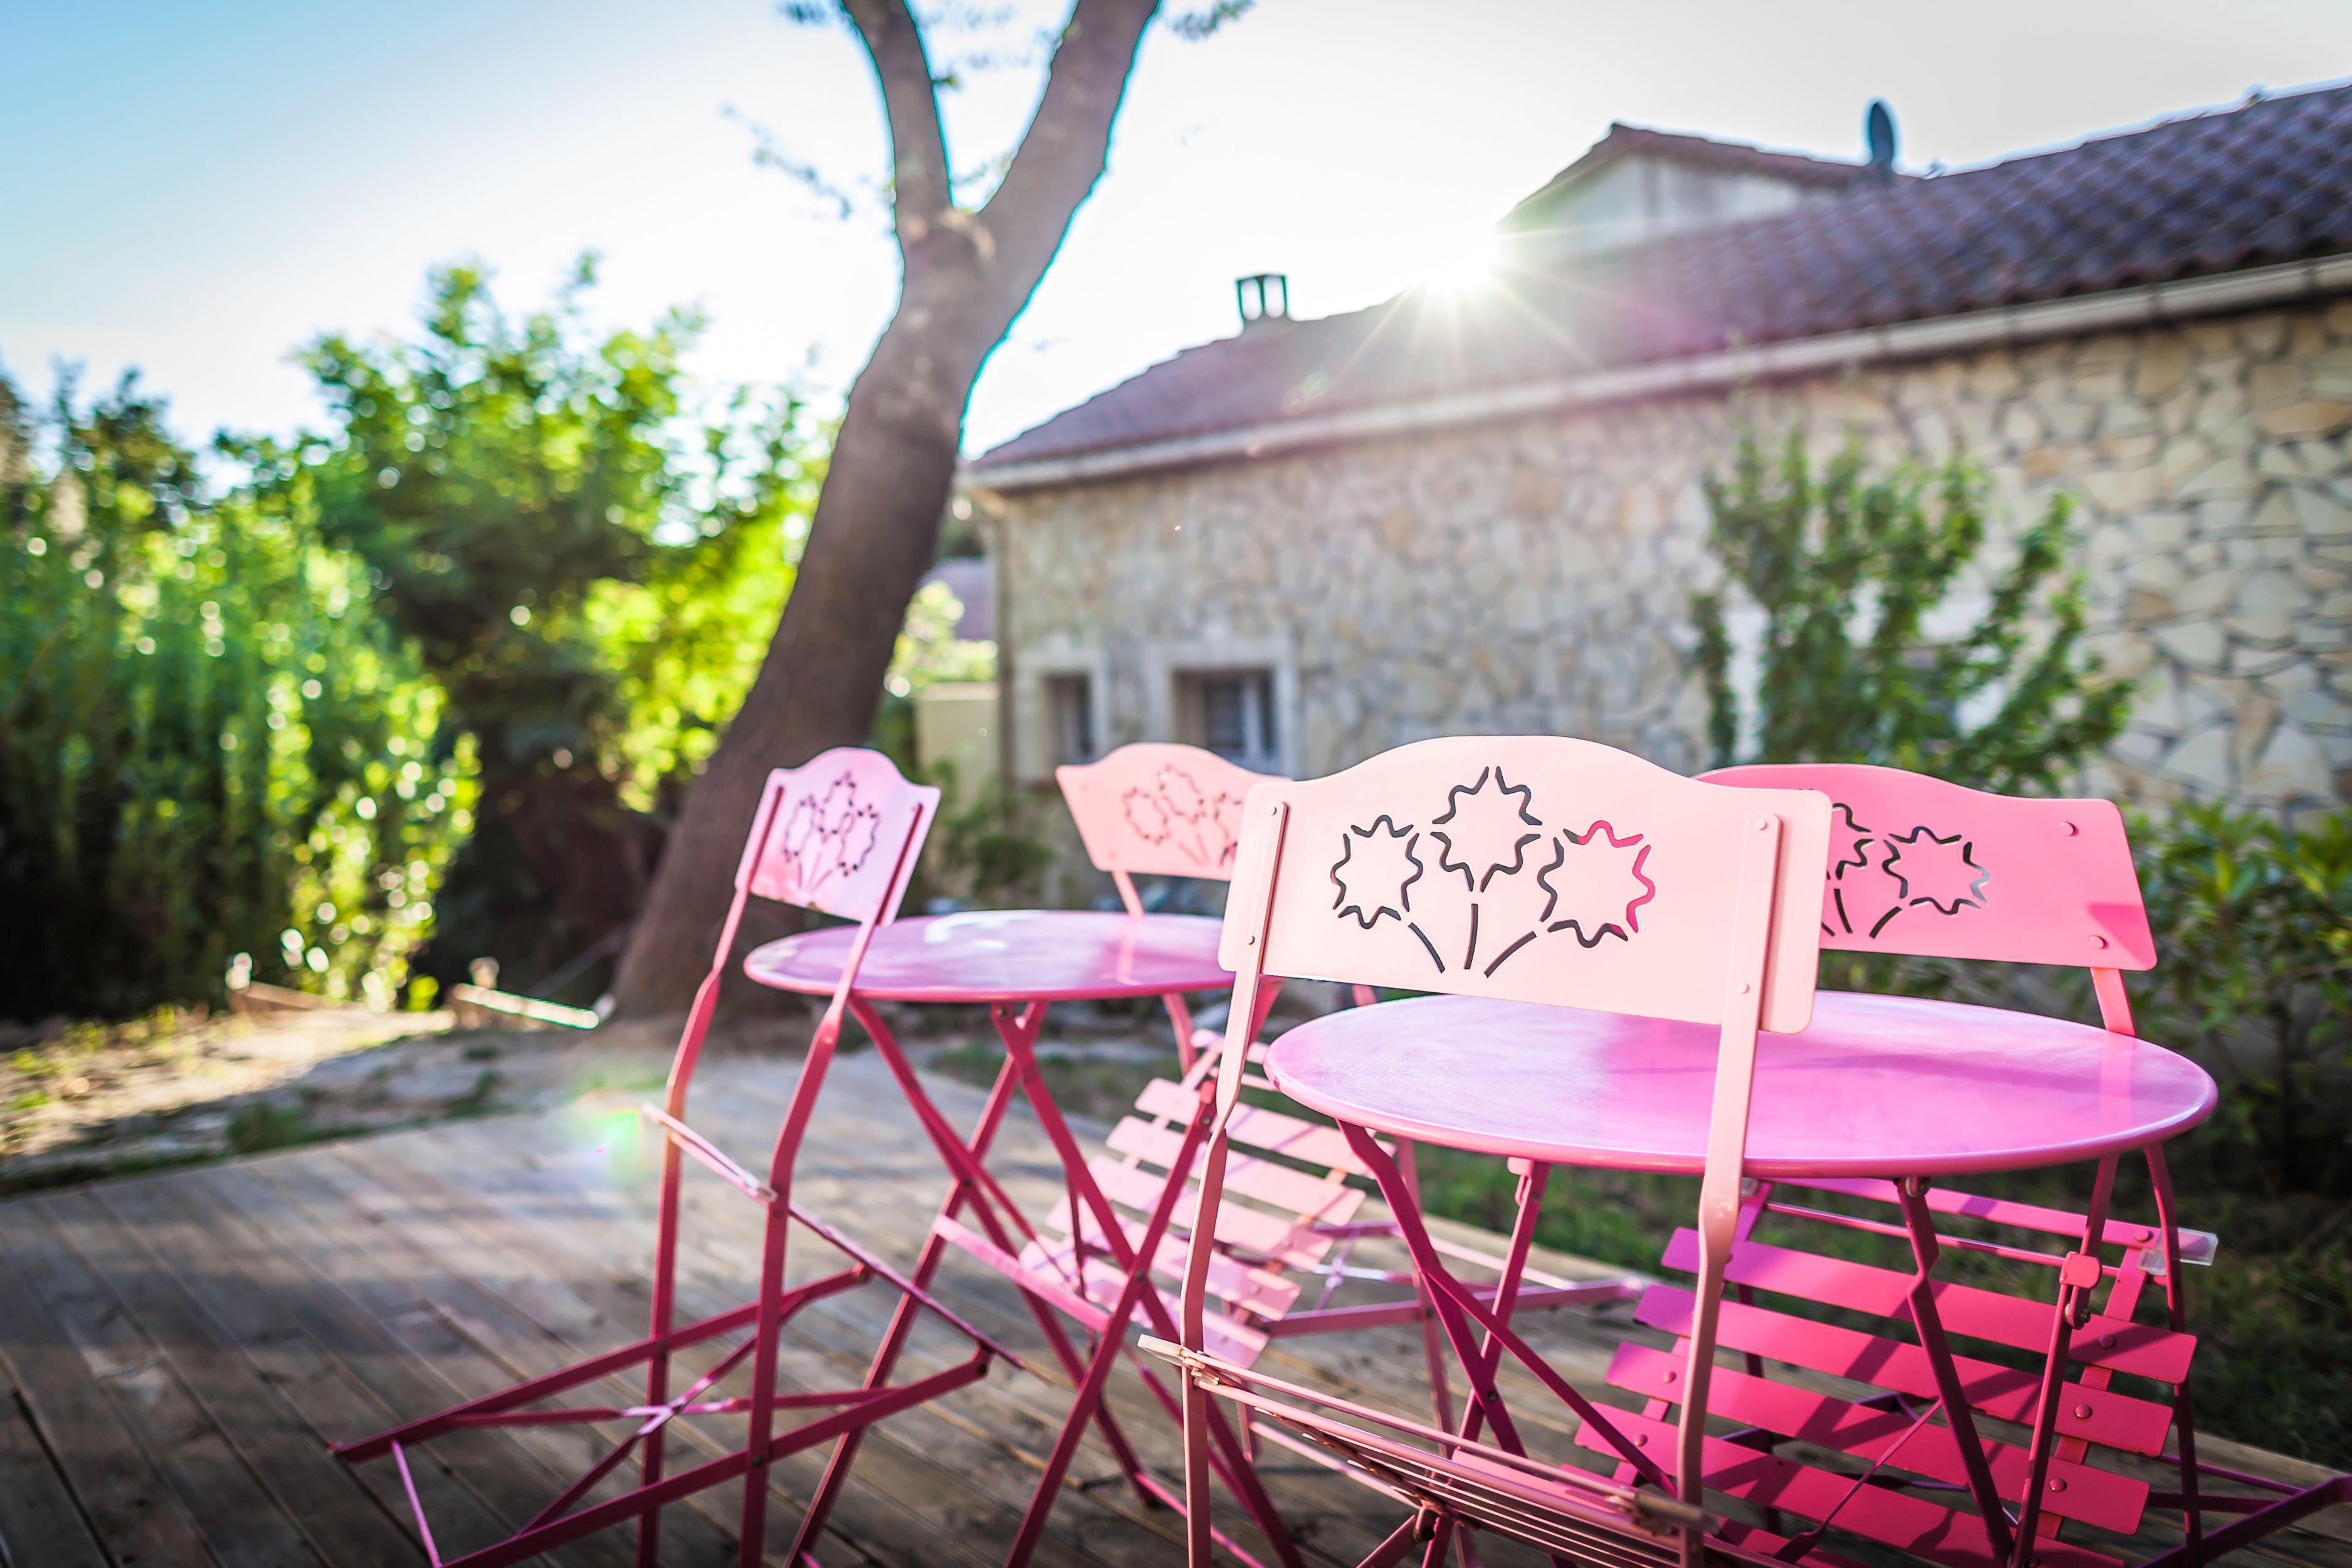 Notre Gite Insolite Sous Le Soleil De Provence Maisonsbulles Bulle Insolite Nature Nuitinsolite Hebergementinsolite Voyage Gite Insolite Hebergement Insolite Et Decoration Exterieur